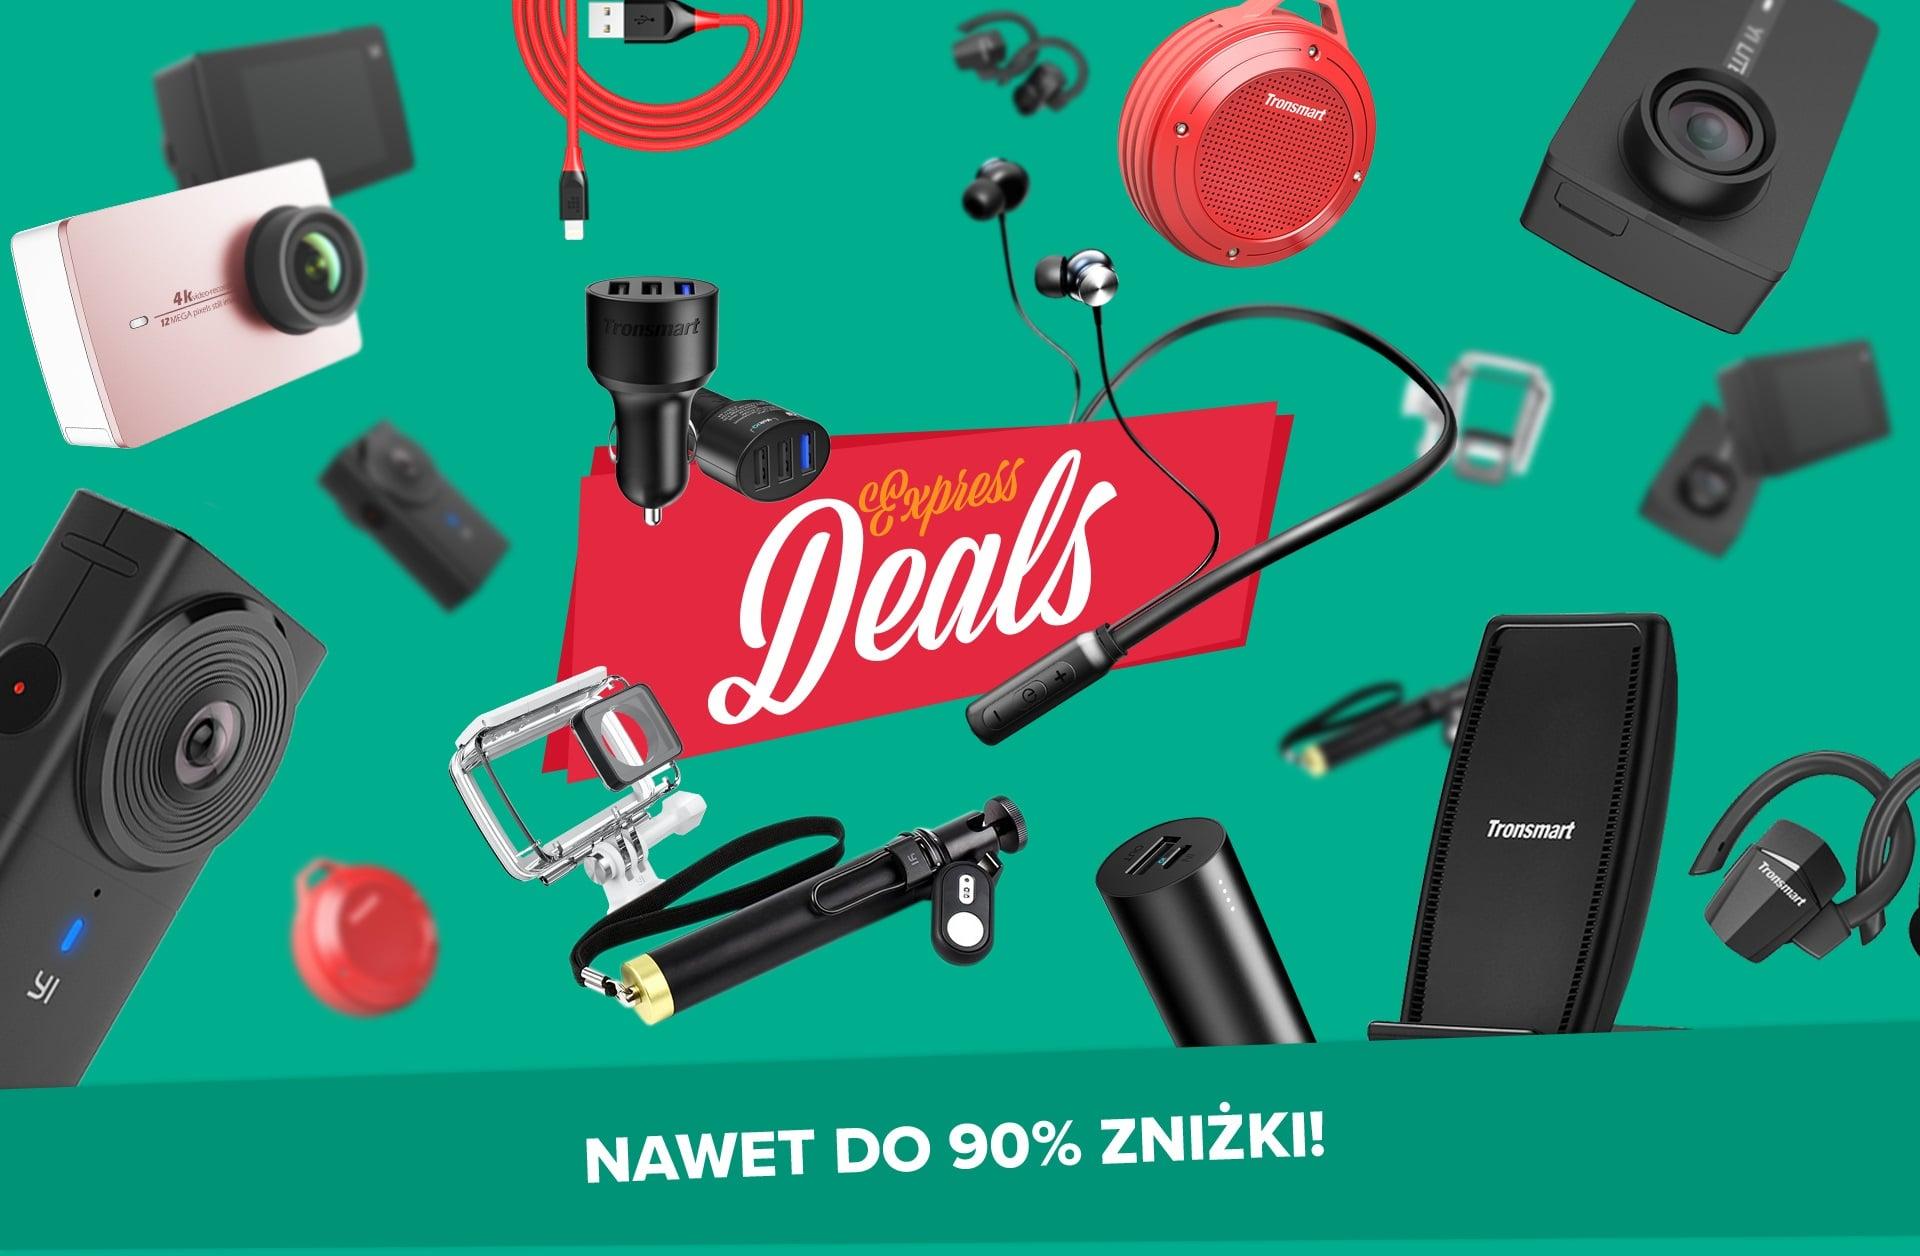 Express Deals to okazja do kupienia urządzeń YI i Tronsmart nawet o kilkaset złotych taniej! 20